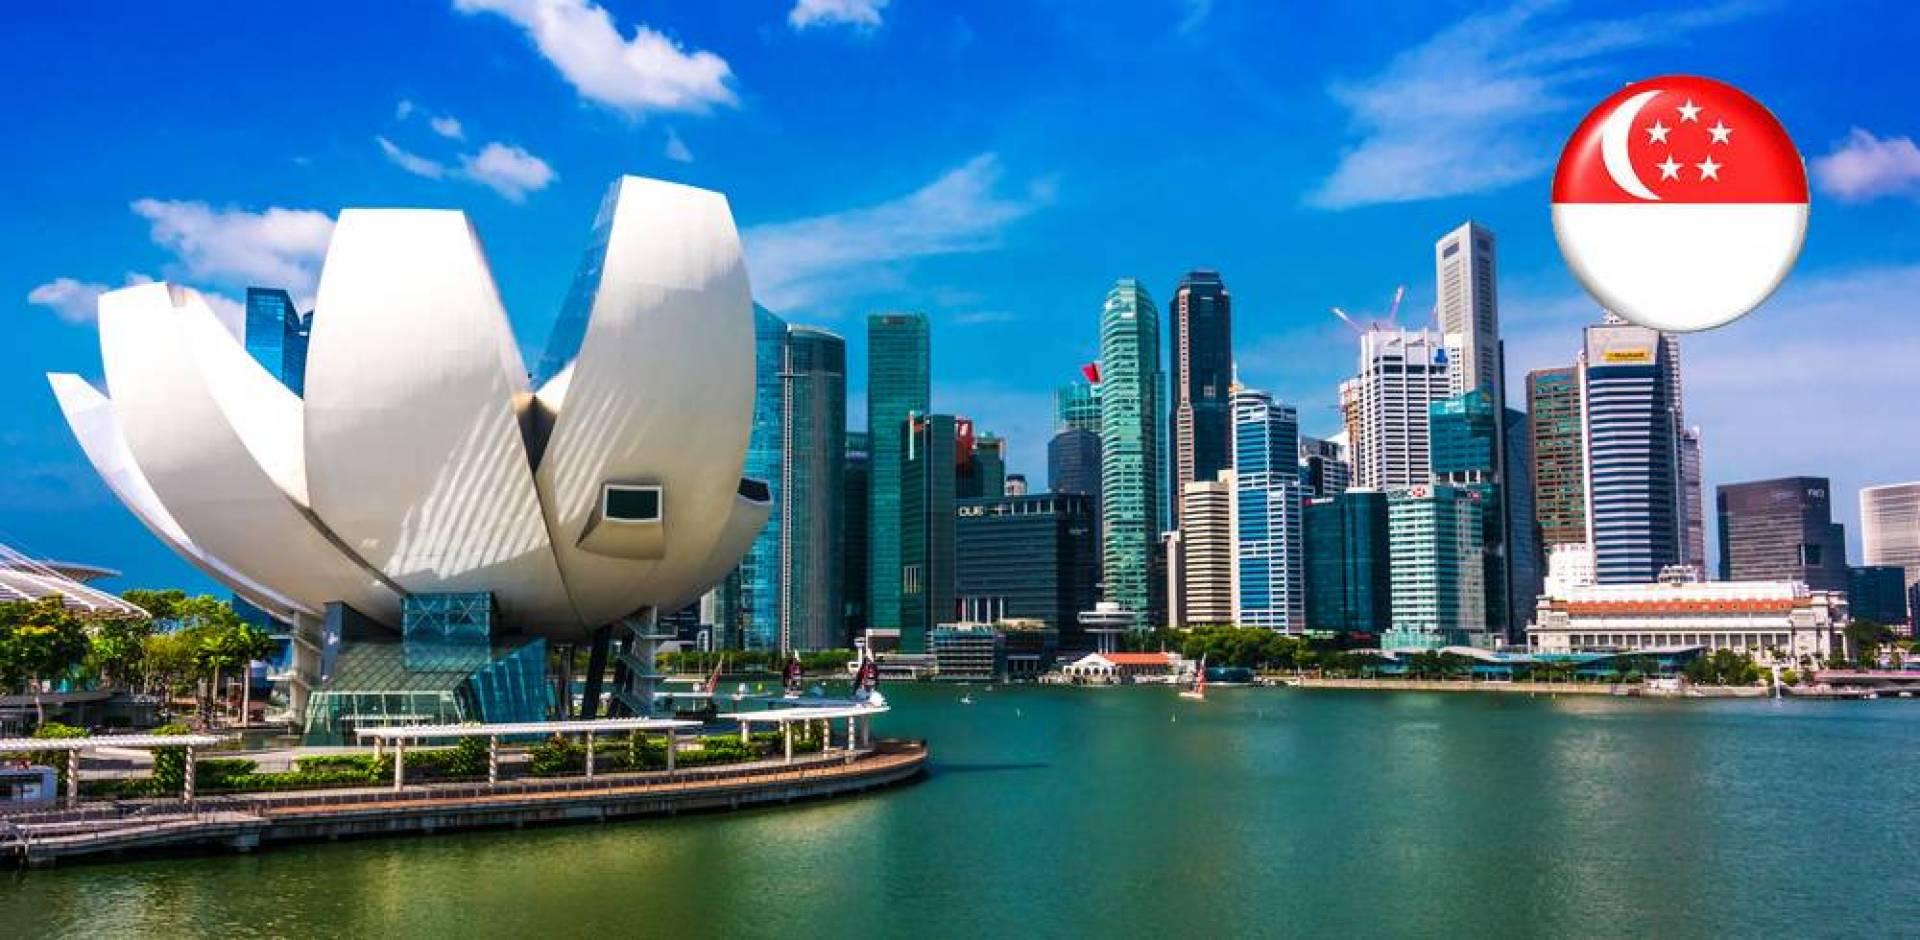 كيف أصبحت سنغافورة مركزاً مالياً عالمياً؟